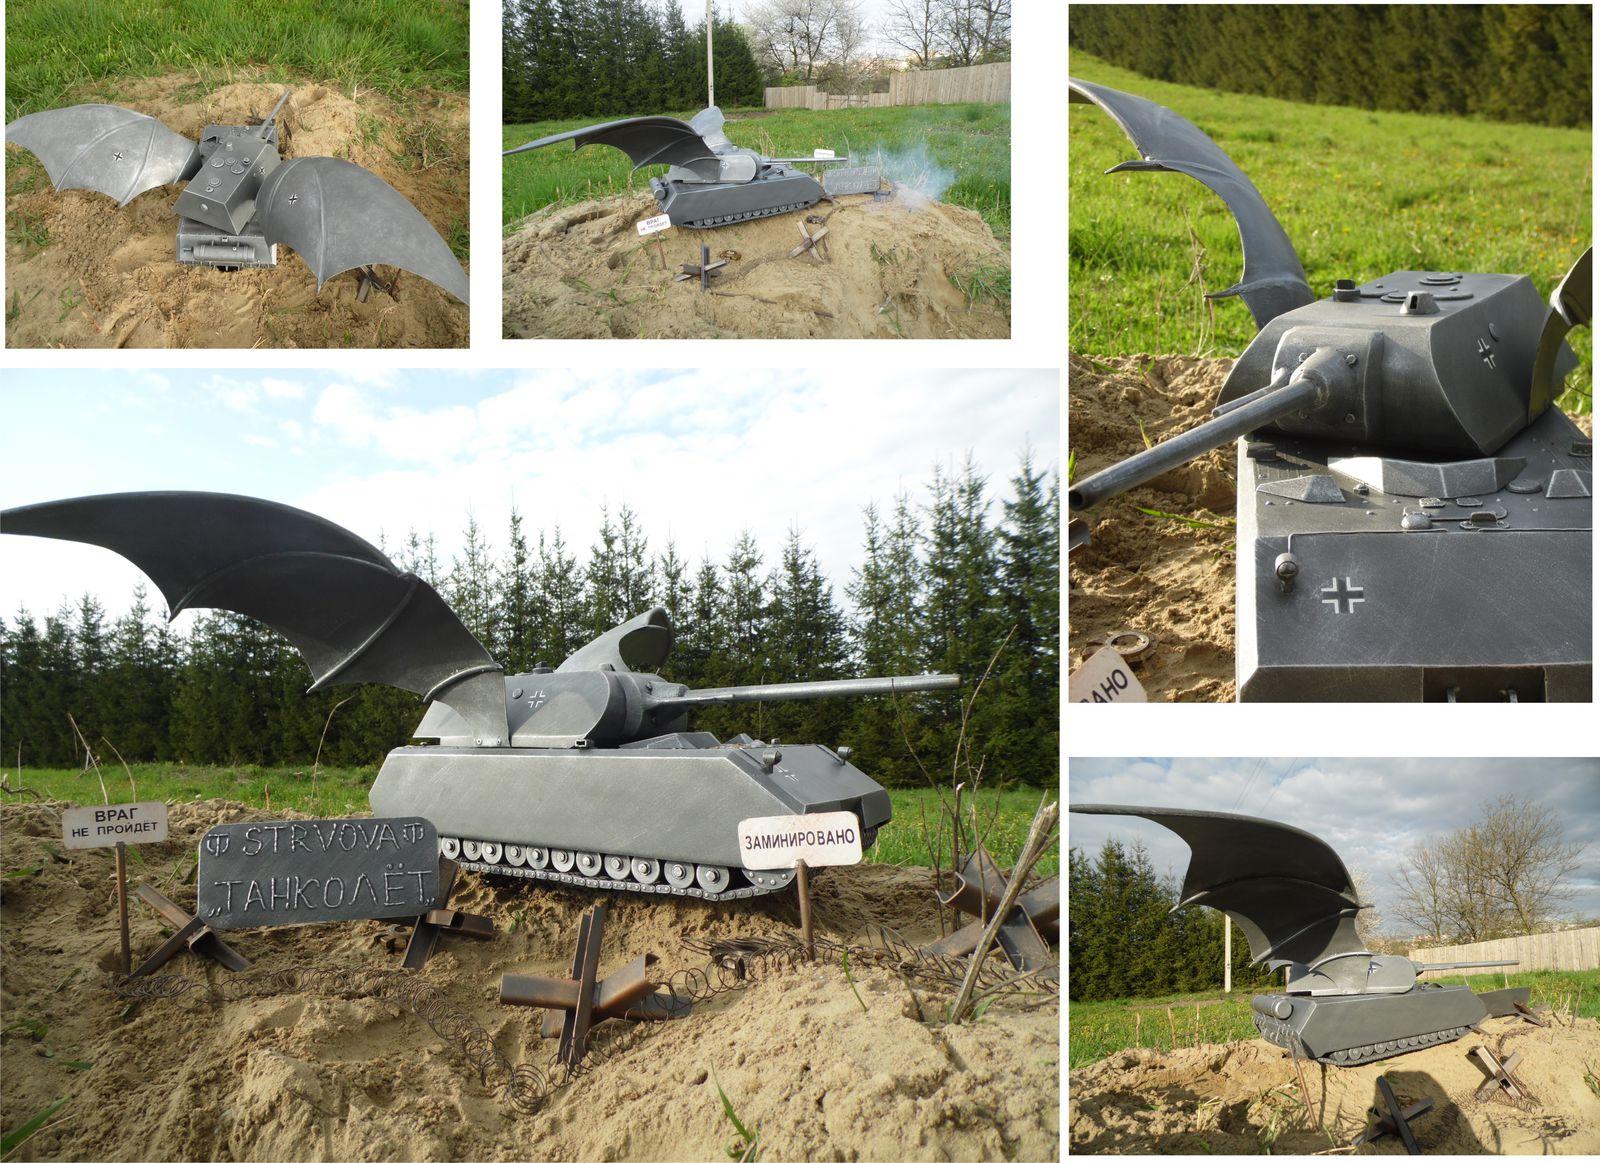 """Танколет """"Летучая мышь"""". В основе сверхтяжелый танк Маус"""